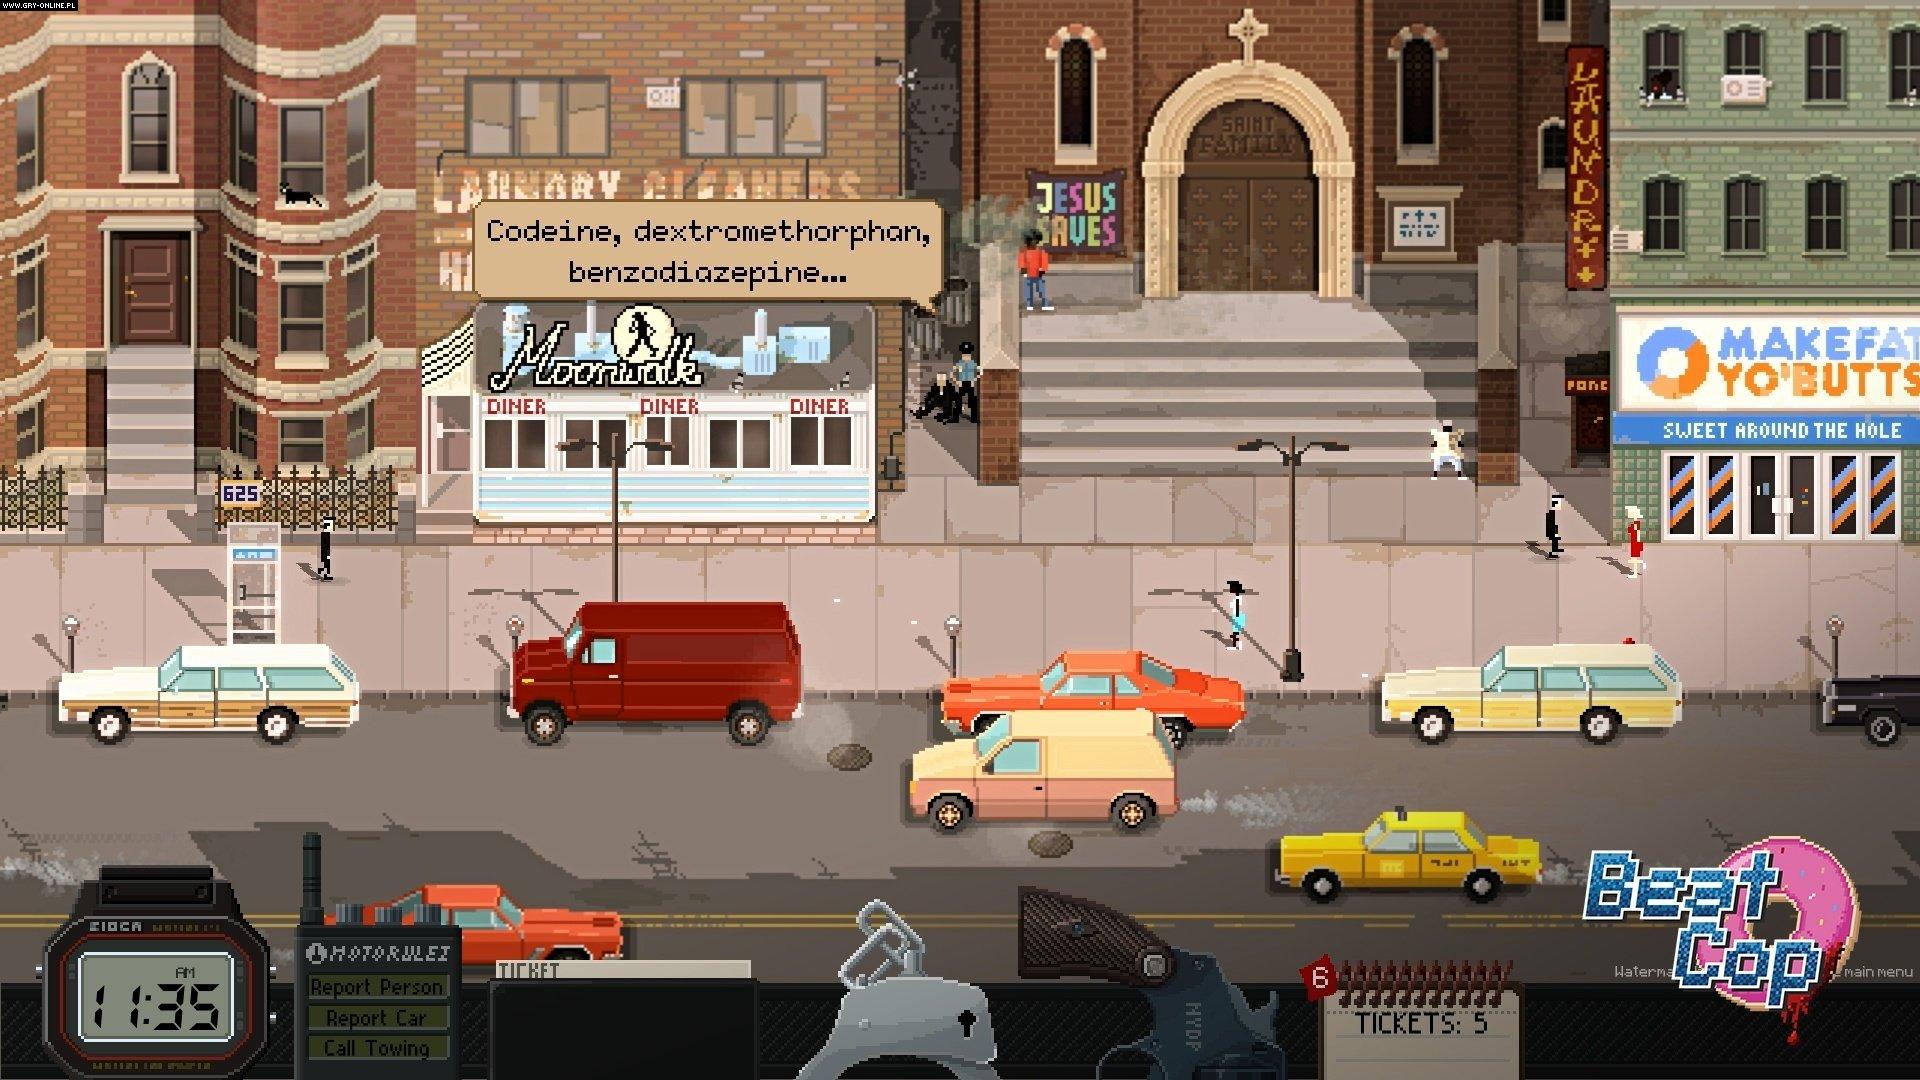 Beat Cop PC Games Image 6/16, Pixel Crow, 11 bit studios